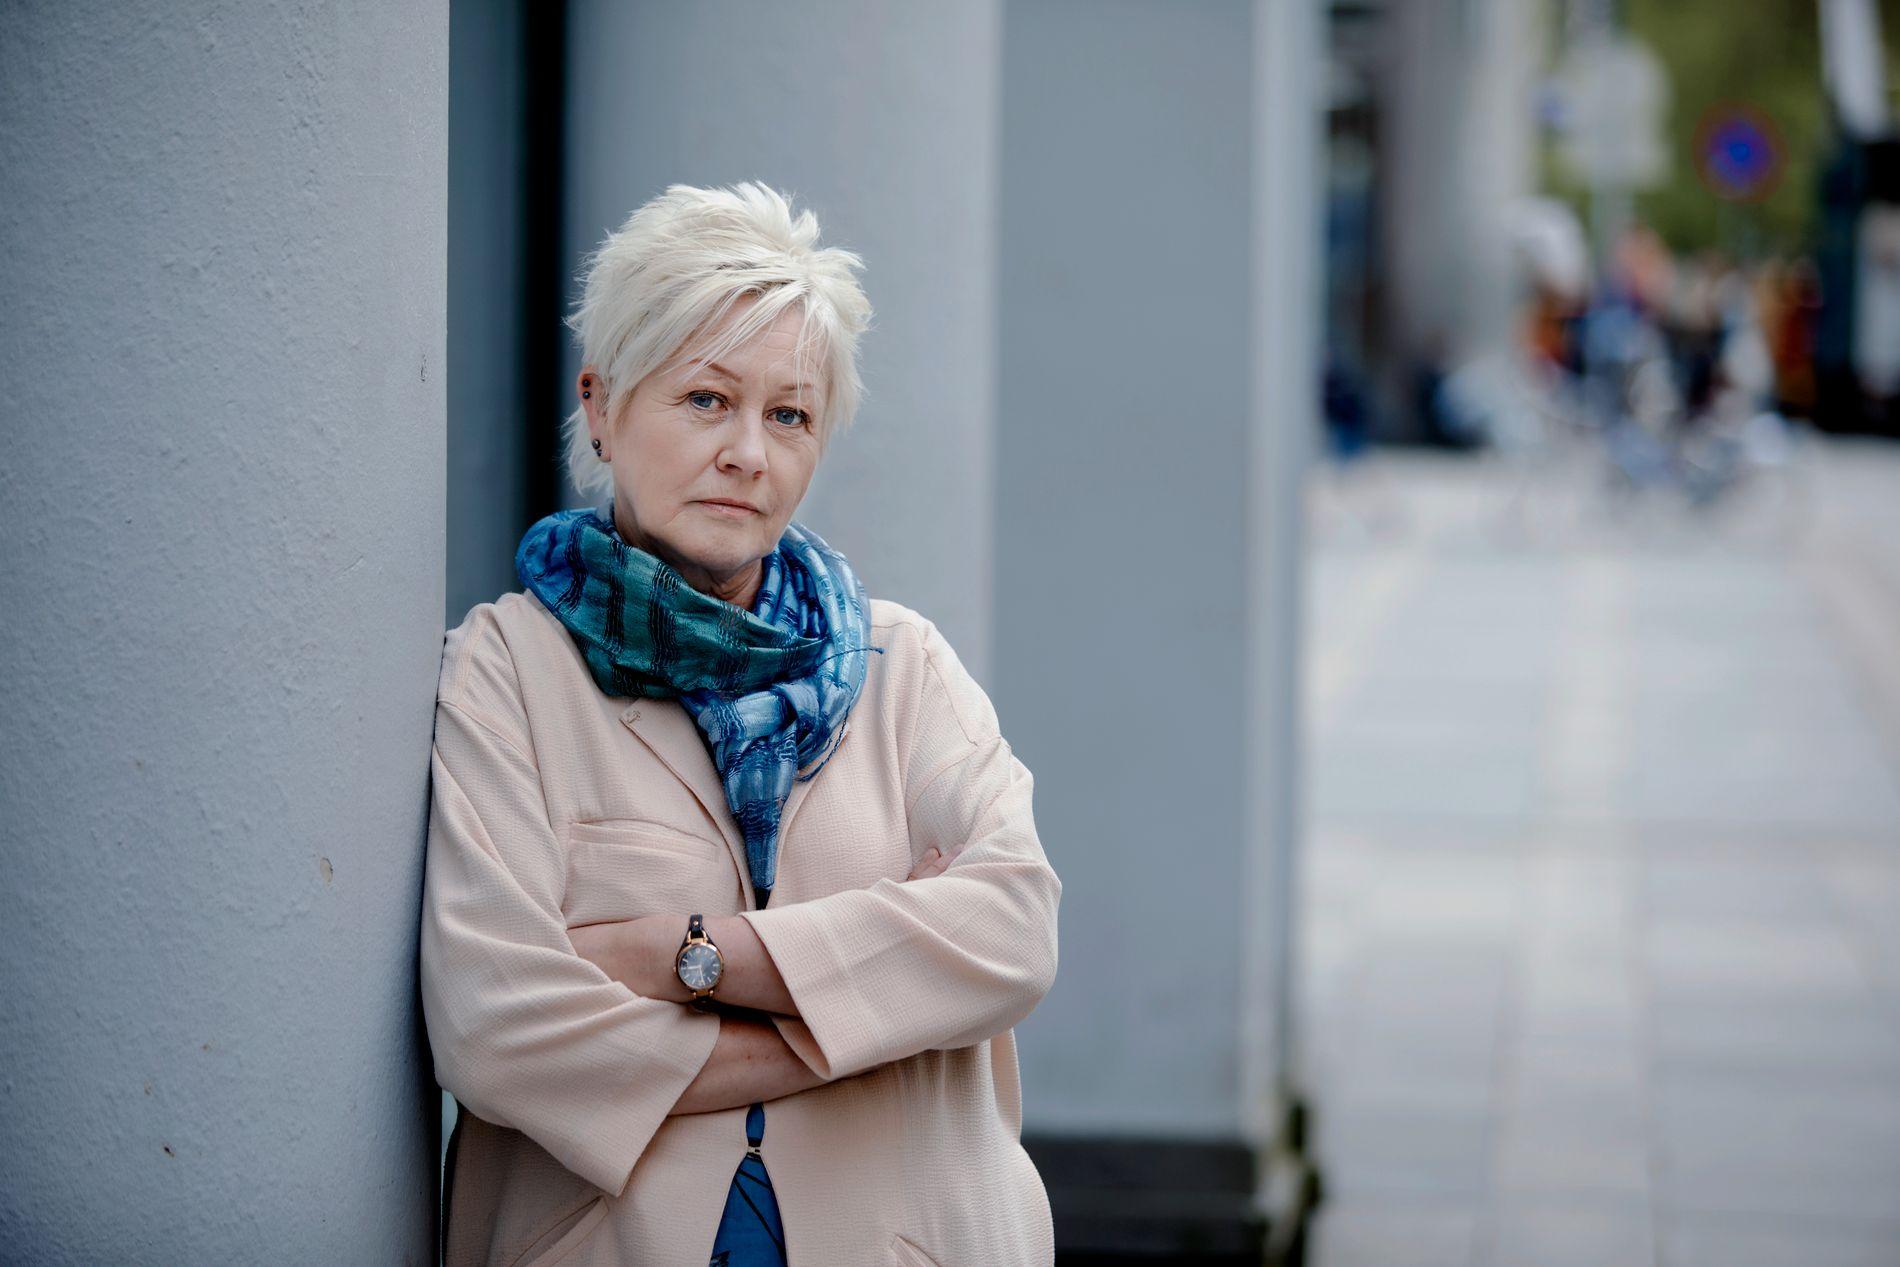 UNØDVENDIG BRUK AV RESSURSER: Generalsekretær i Kreftforeningen, Anne Lise Ryel, mener søksmålet fra Swedish Match vil koste staten unødvendige ressurser.